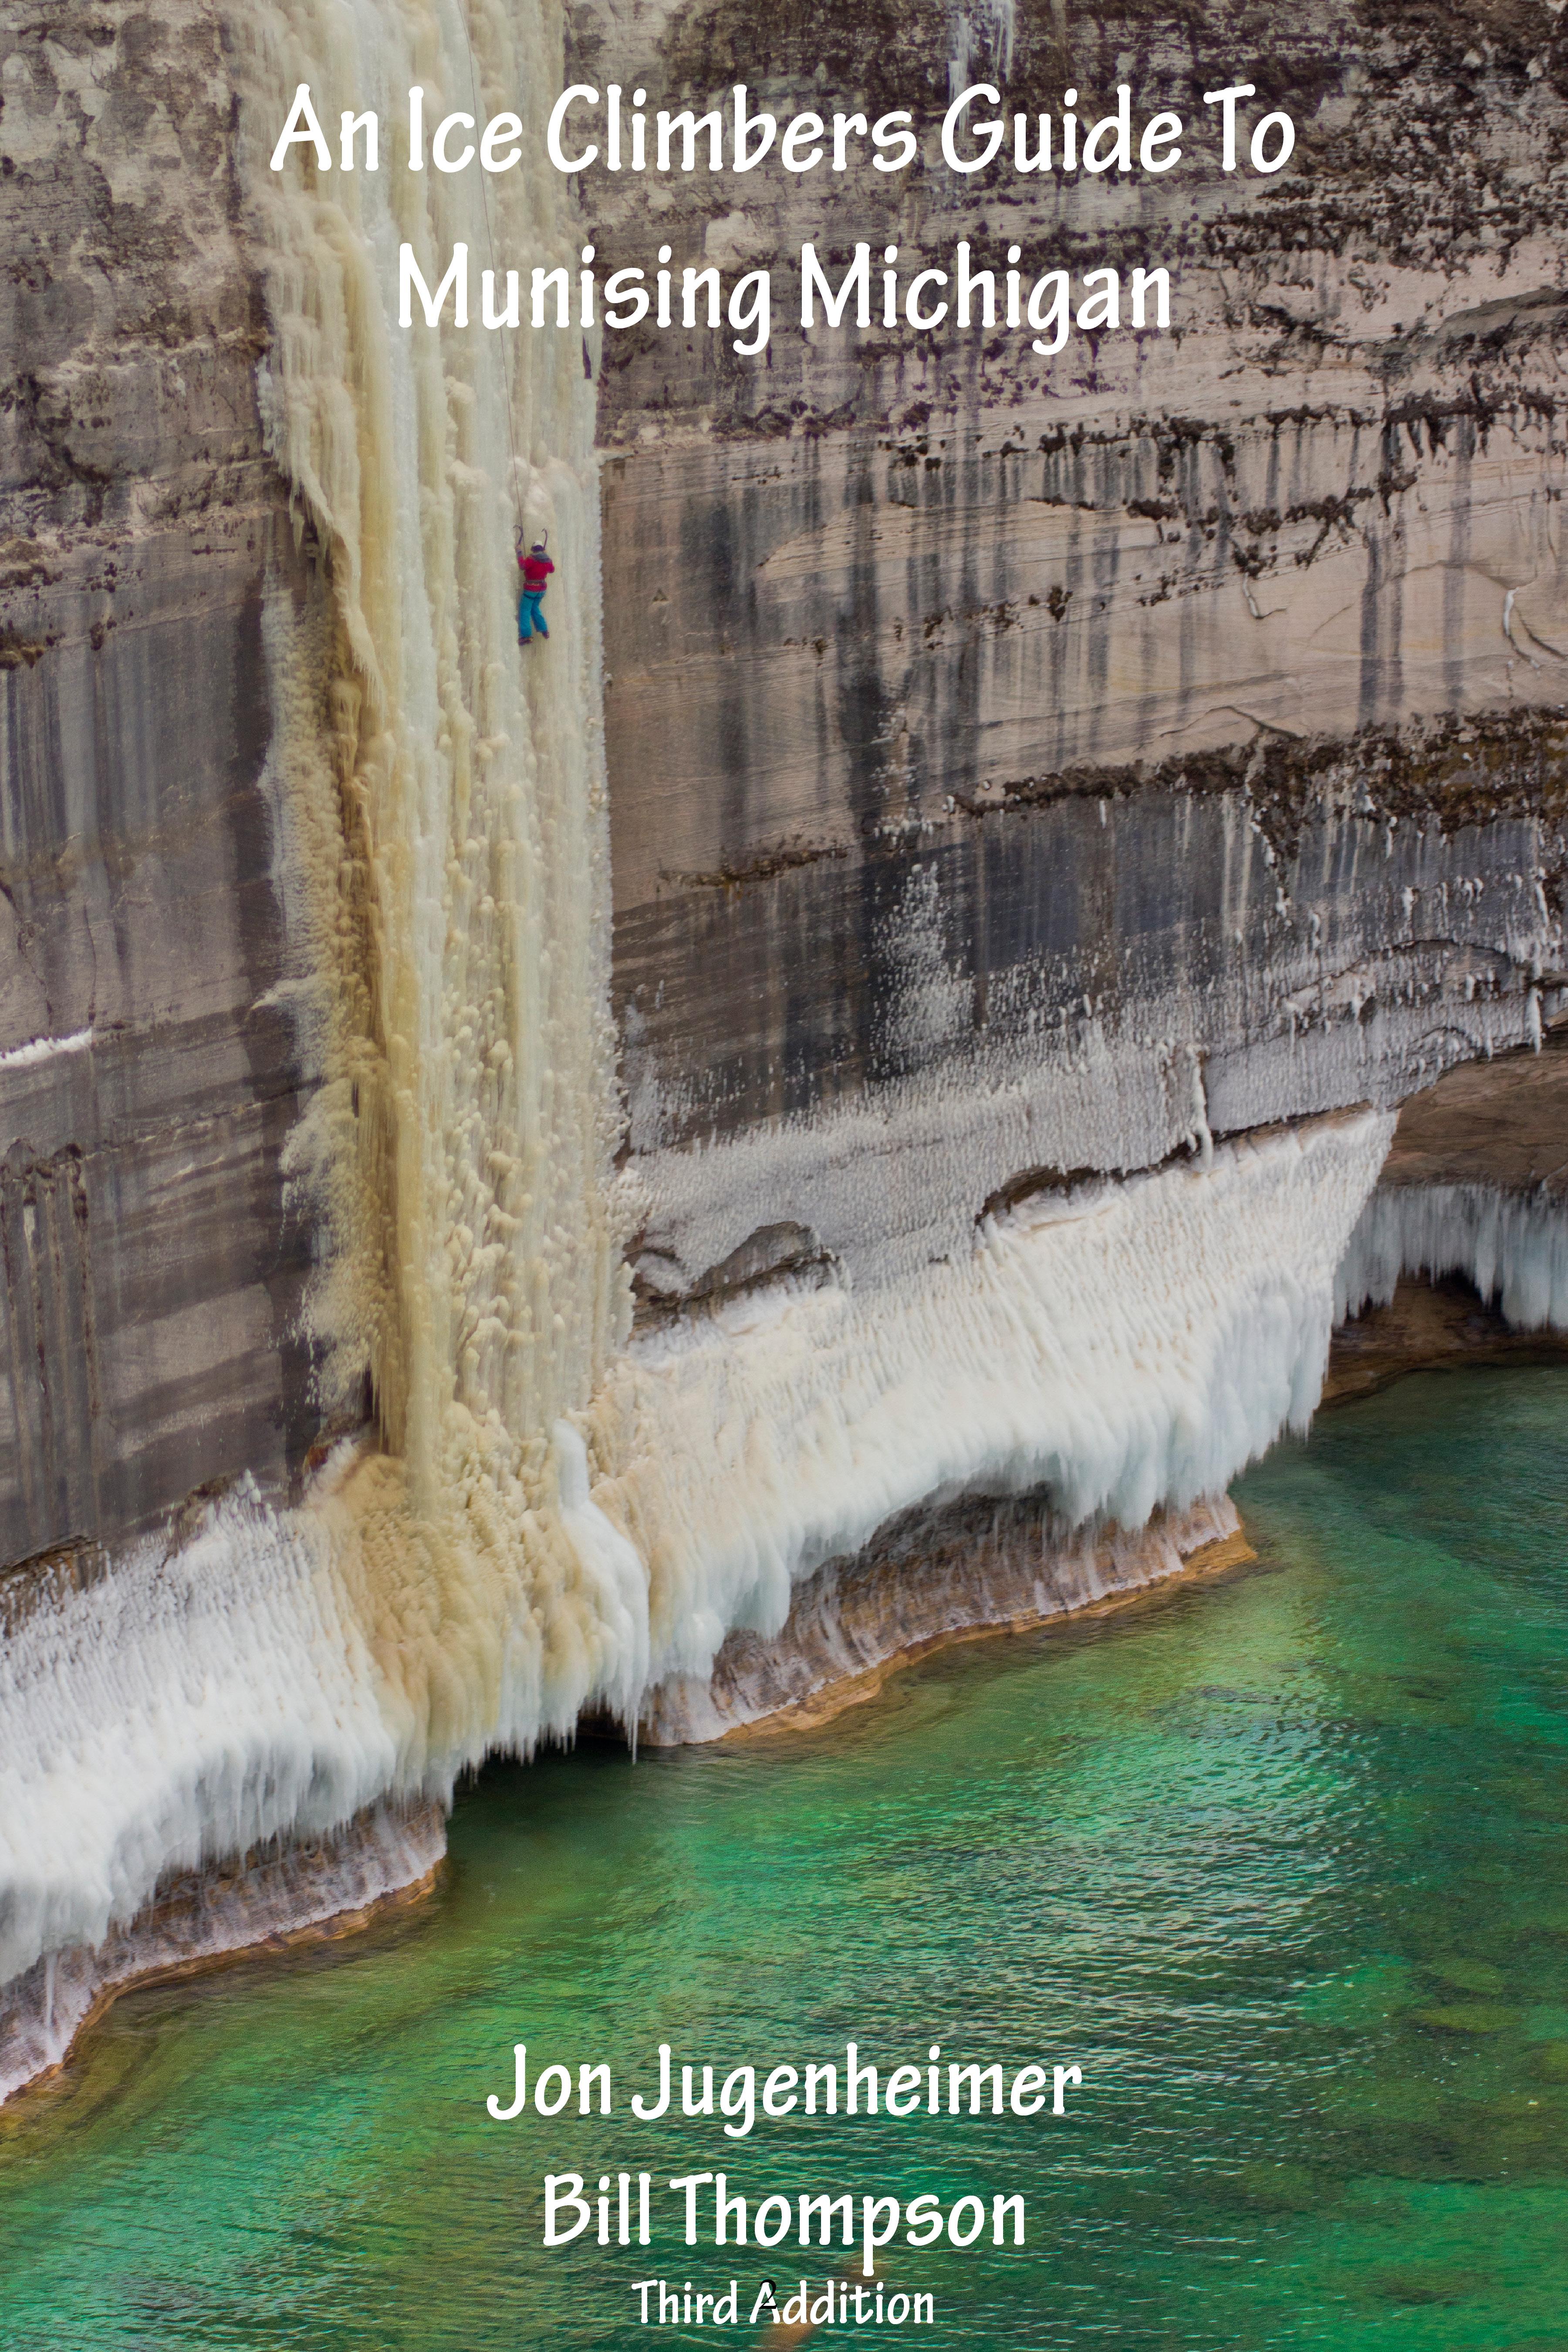 an ice climbers guide to munising michigan michigan